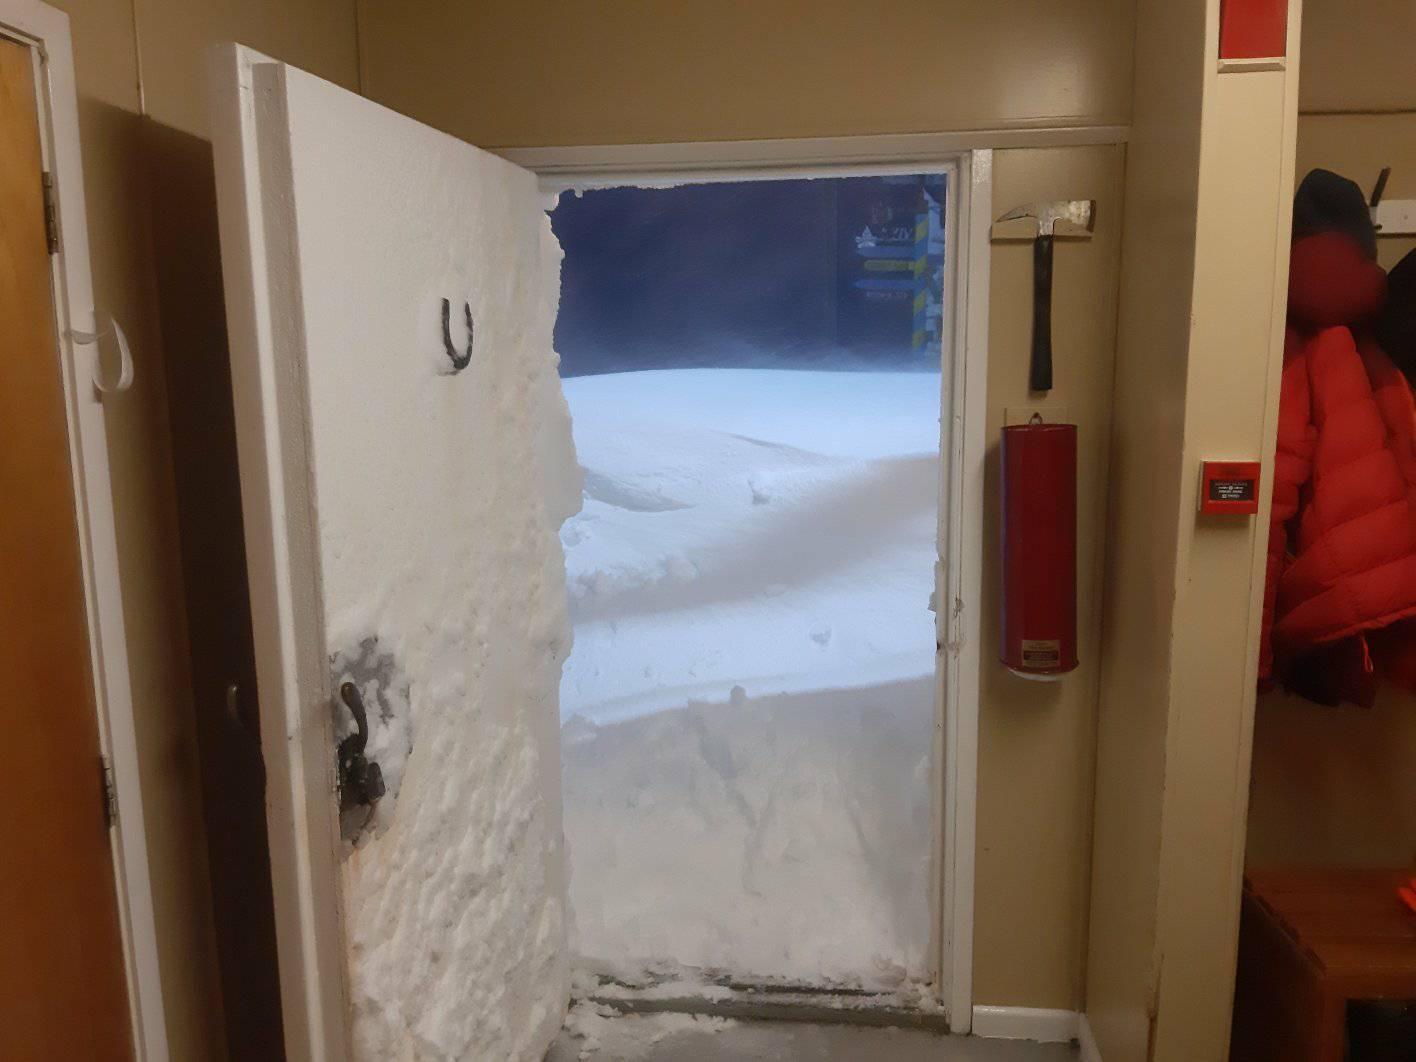 «Пінгвіни та полярники в шоці»: станцію «Академік Вернадський» замело снігом - експедиція, Антарктика - 12 vernadskogo